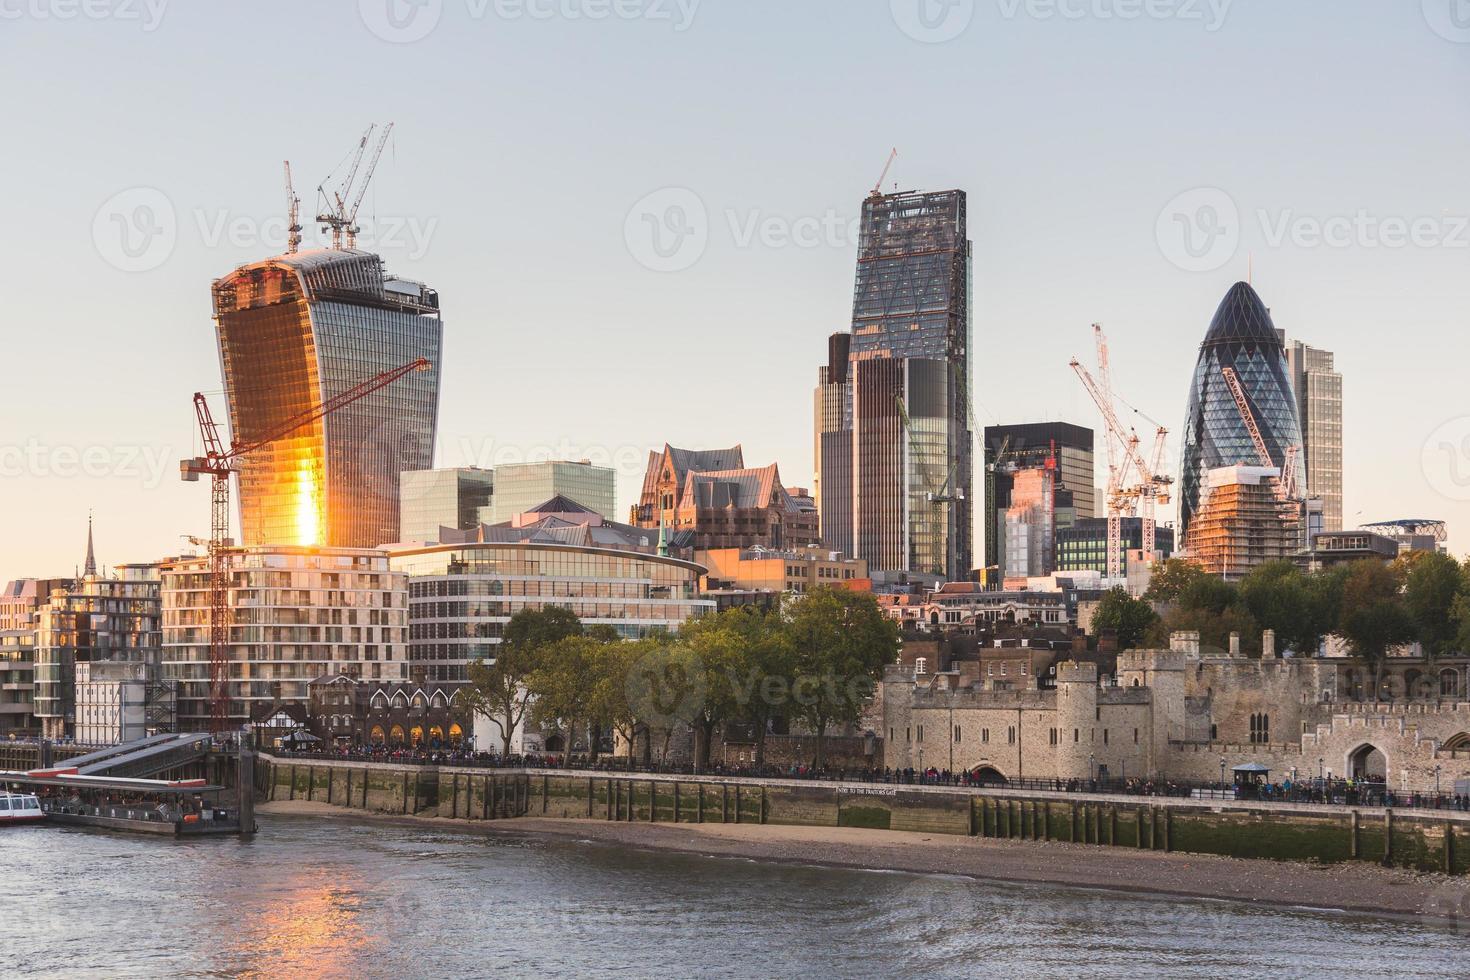 Turm von London und moderne Wolkenkratzer auf Hintergrund bei Sonnenuntergang foto